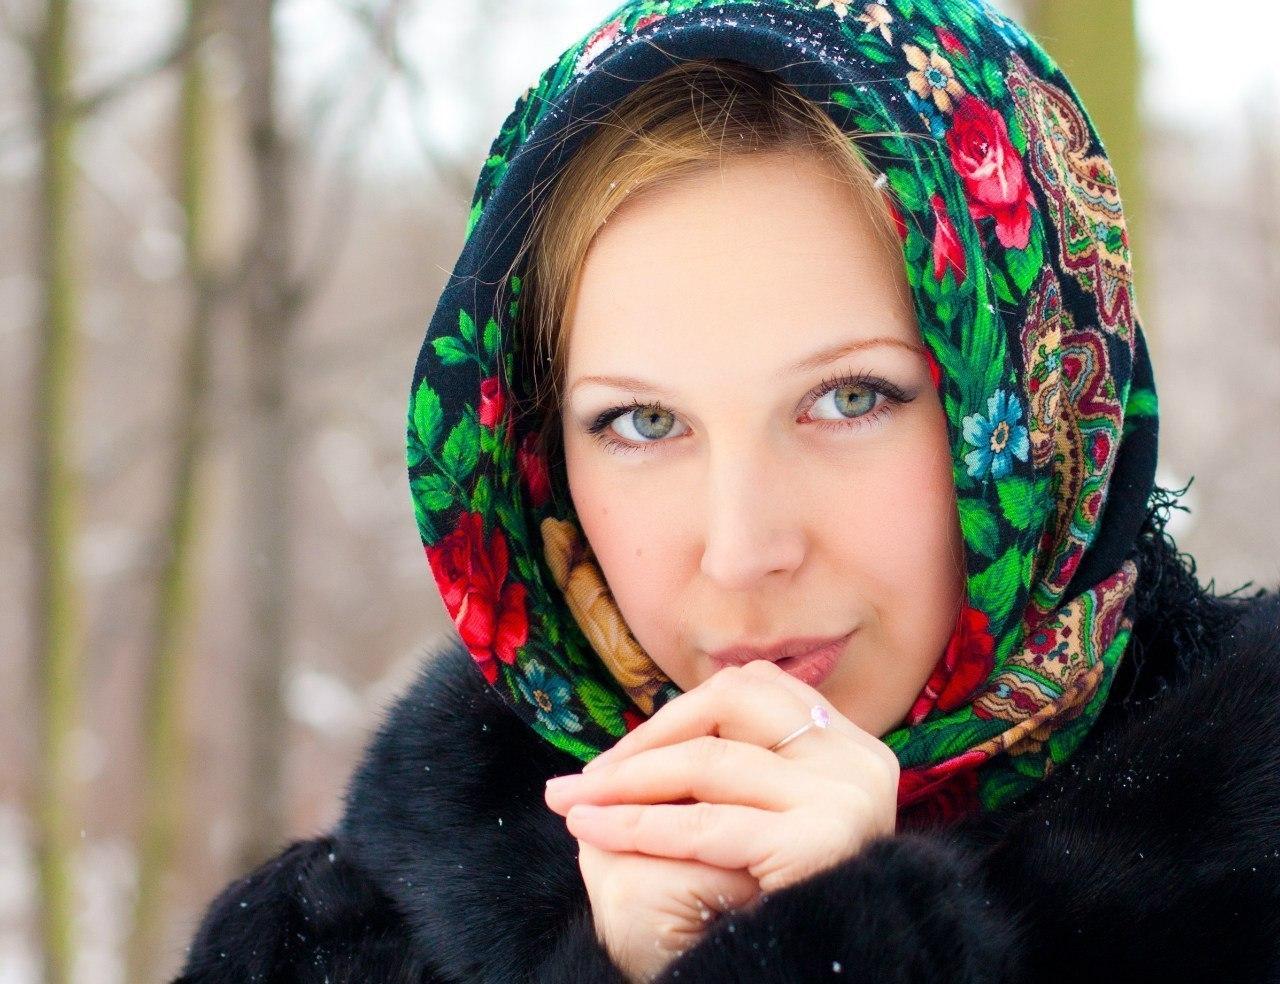 Фотографий русских женщин 22 фотография